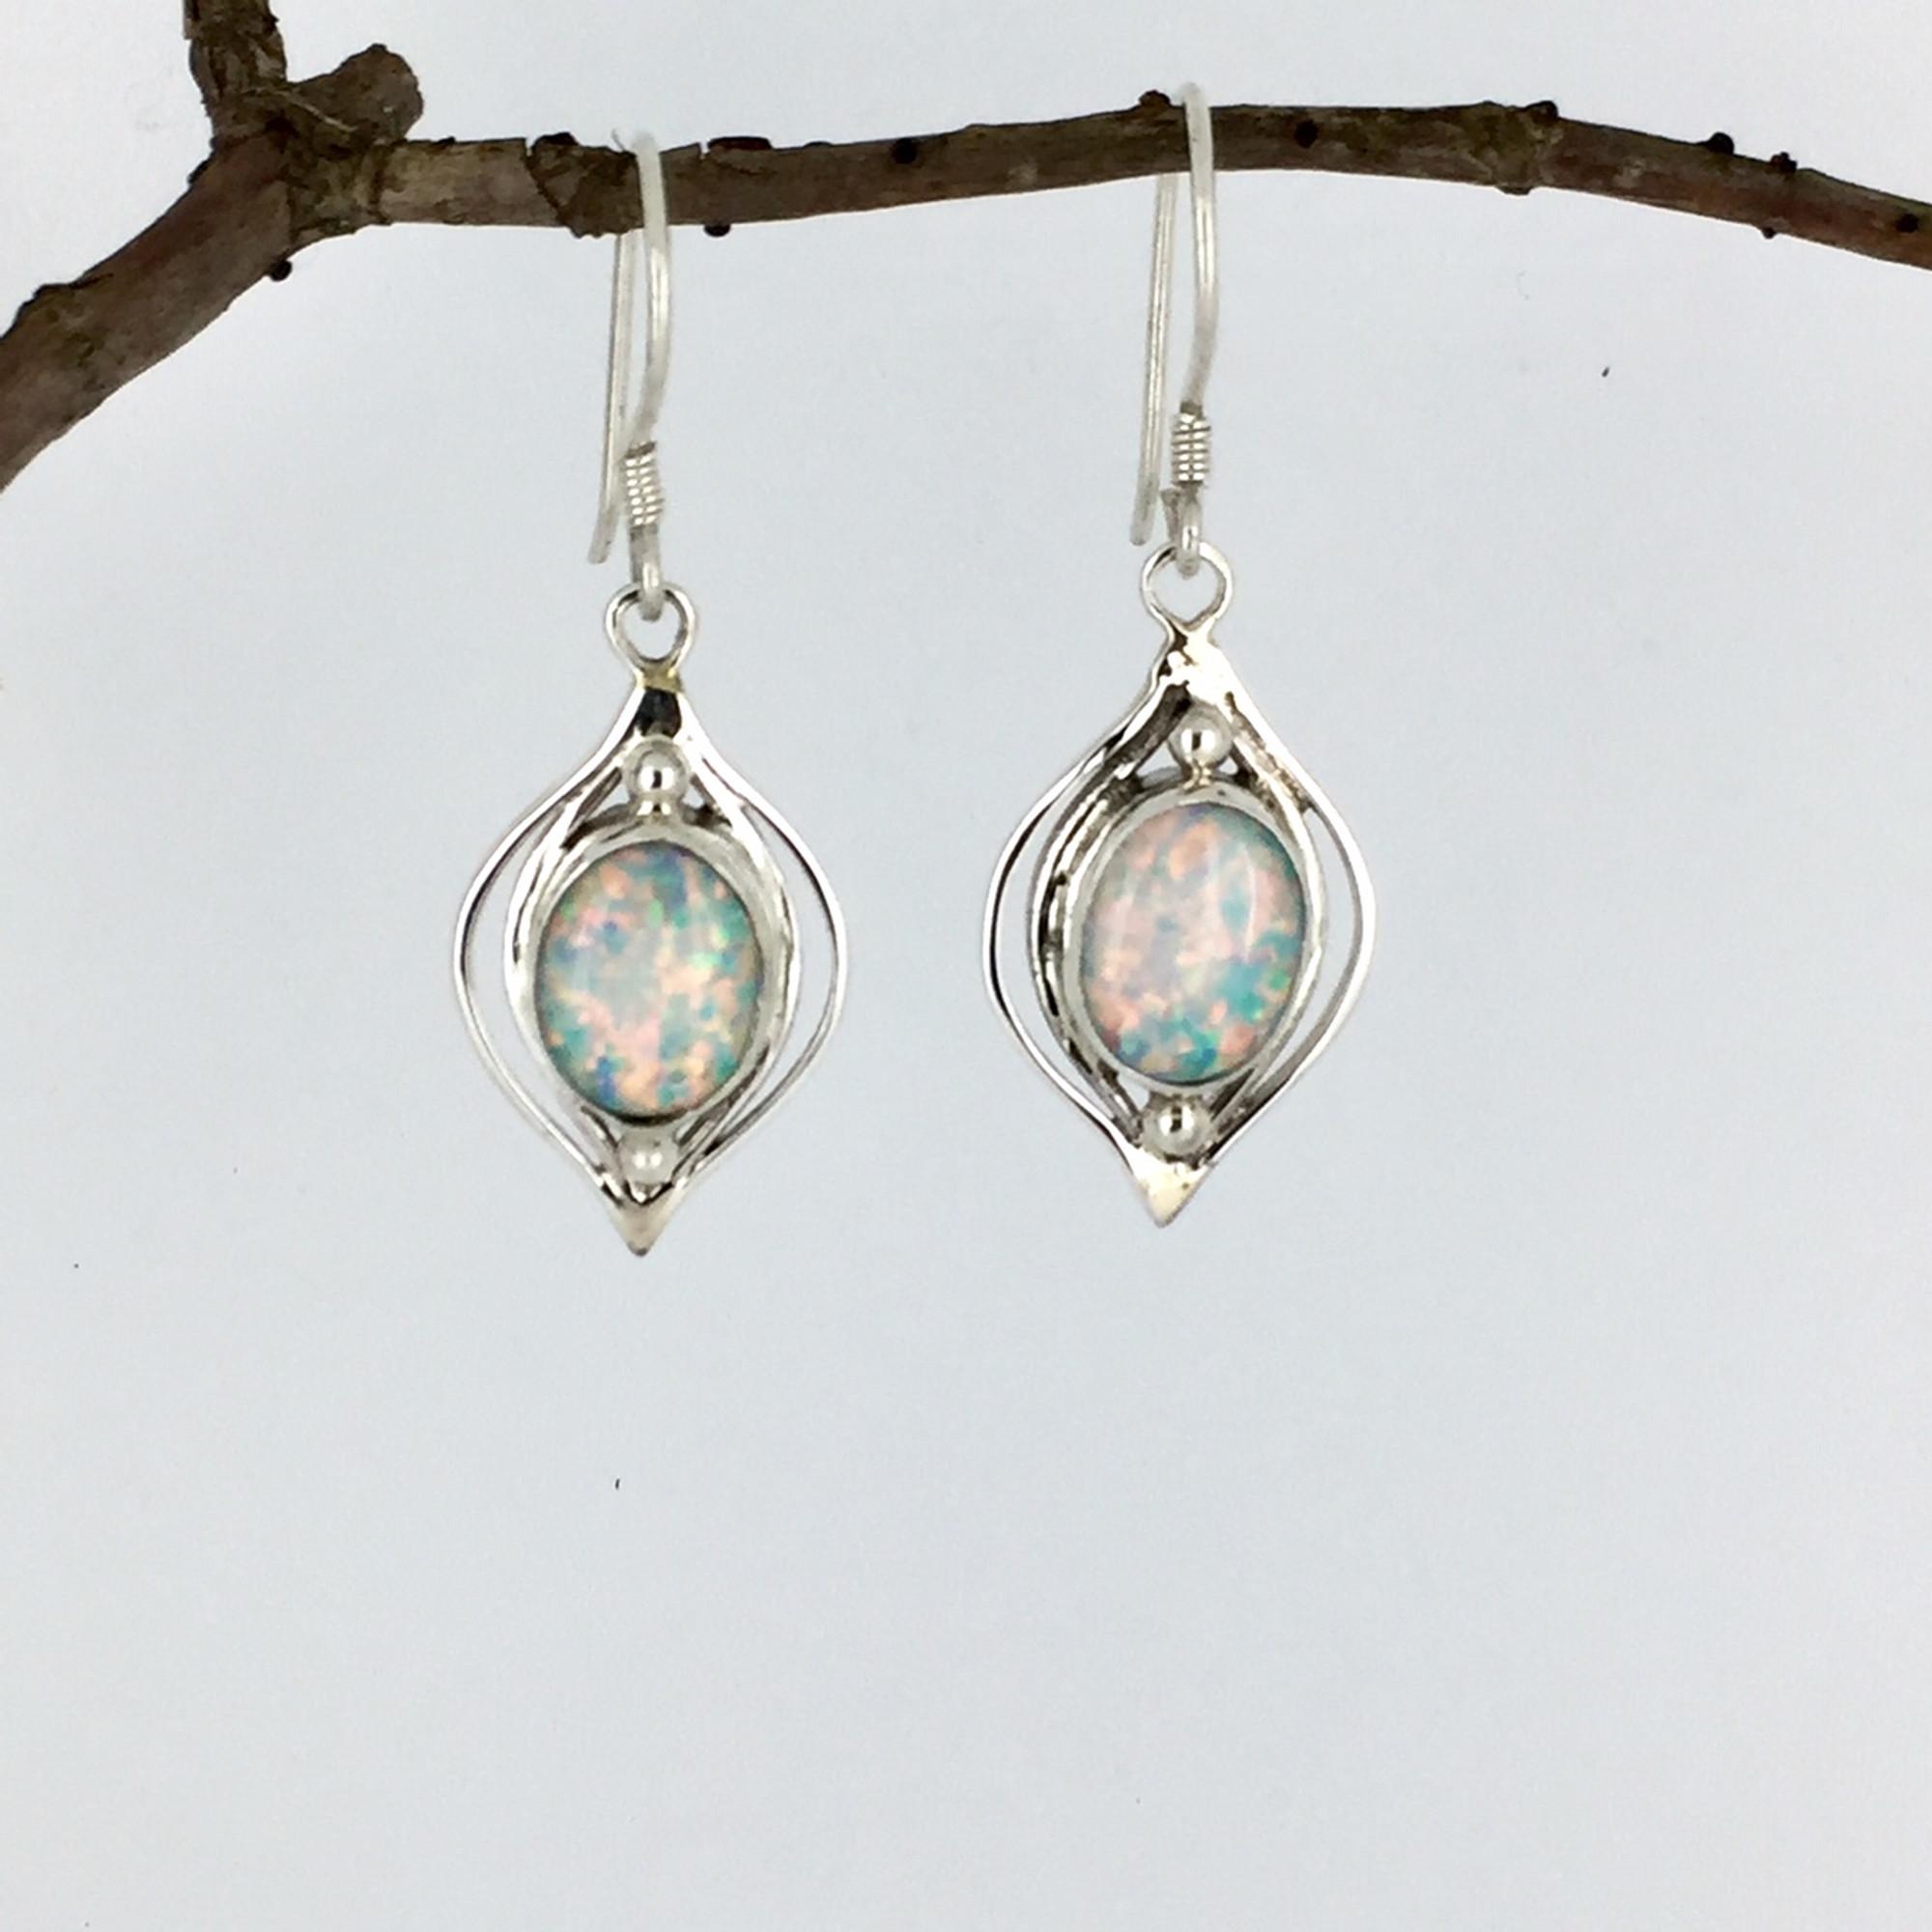 dd8843693 White Opal Oval Stone Sterling Silver Earrings - Mima's Of Warwick, LLC